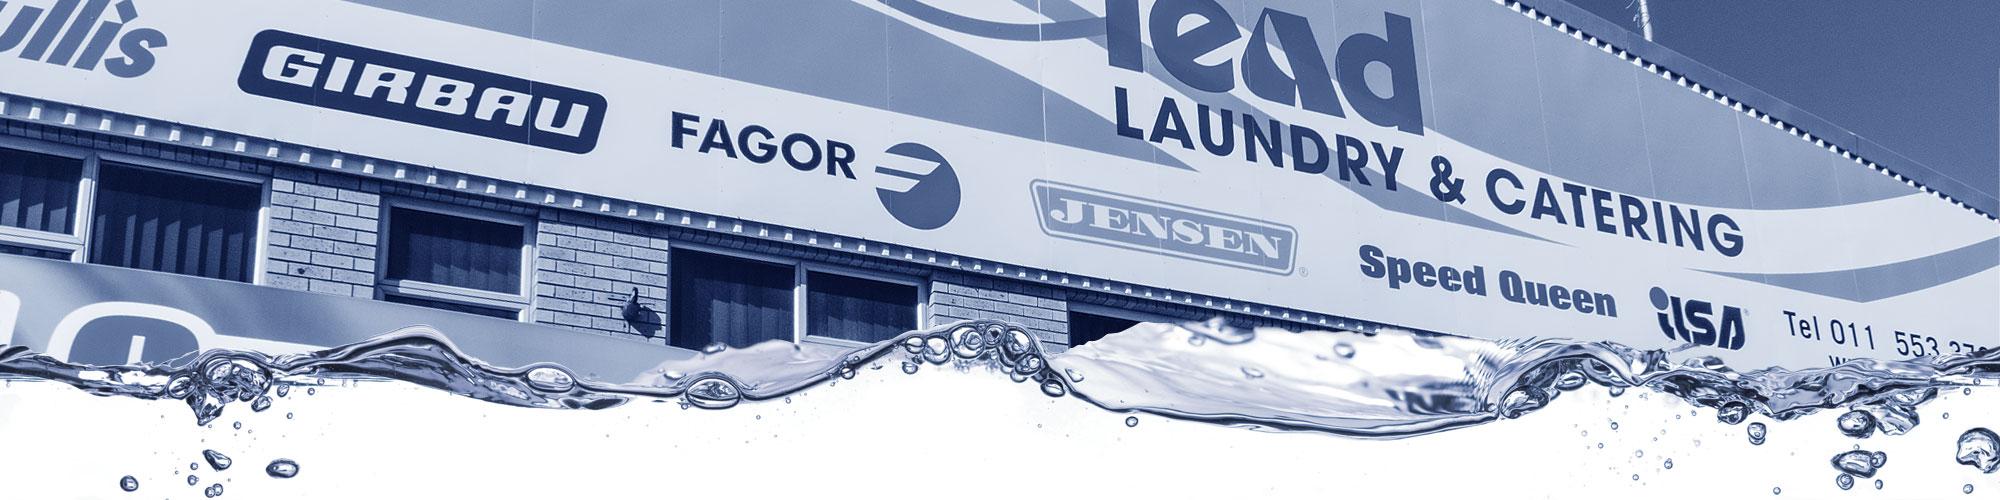 lead-laundry-fagor-jenson-ilsa-girbau-speed-queen